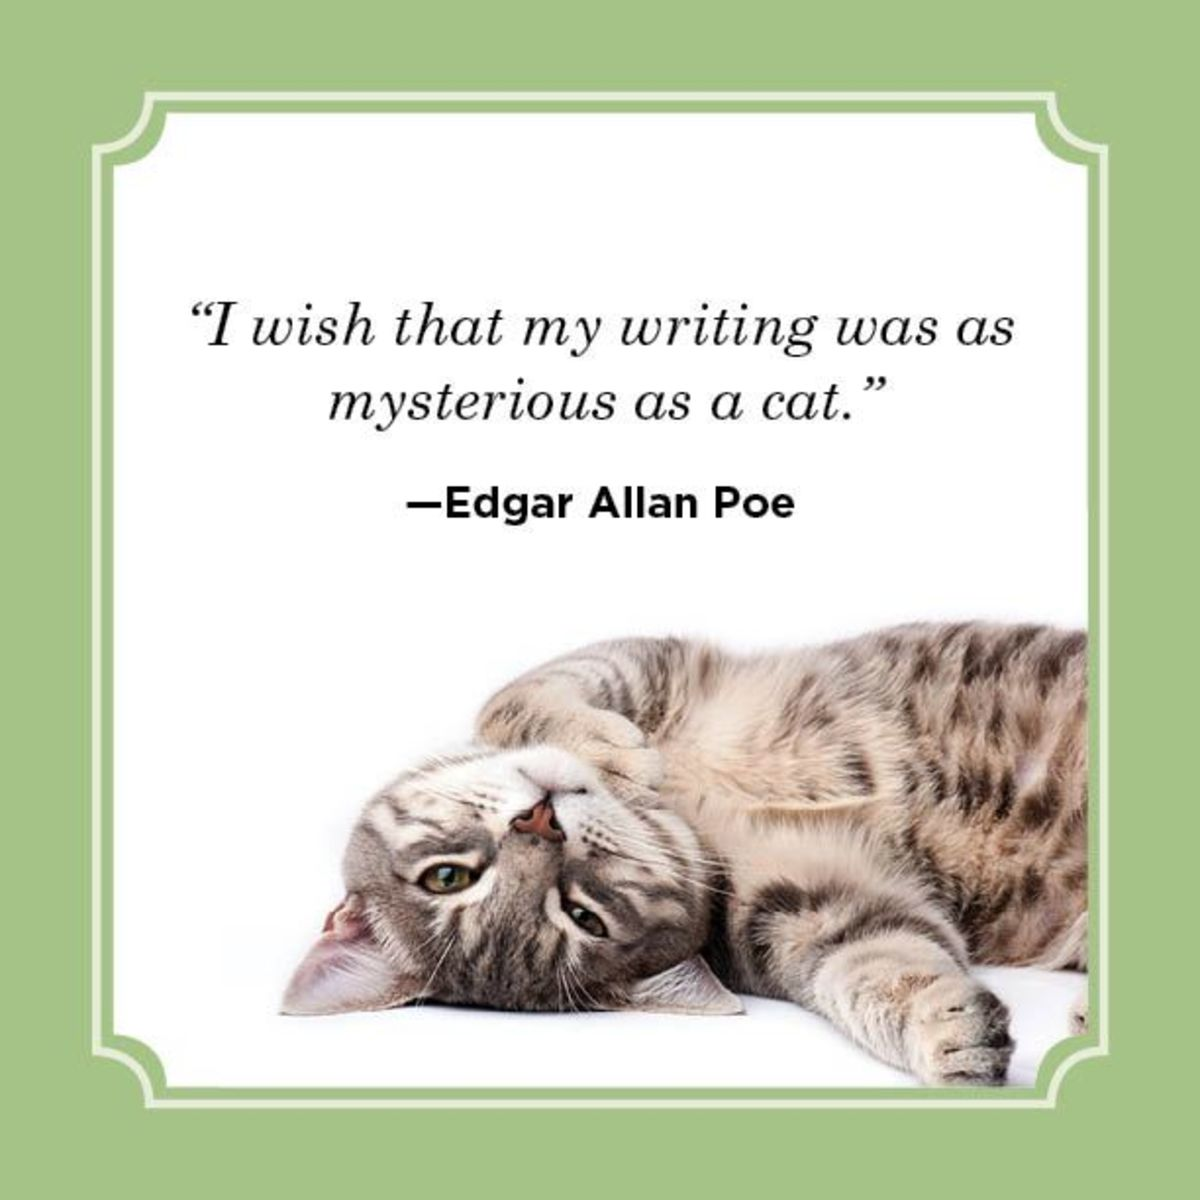 poem-kitty-cat-cartoon